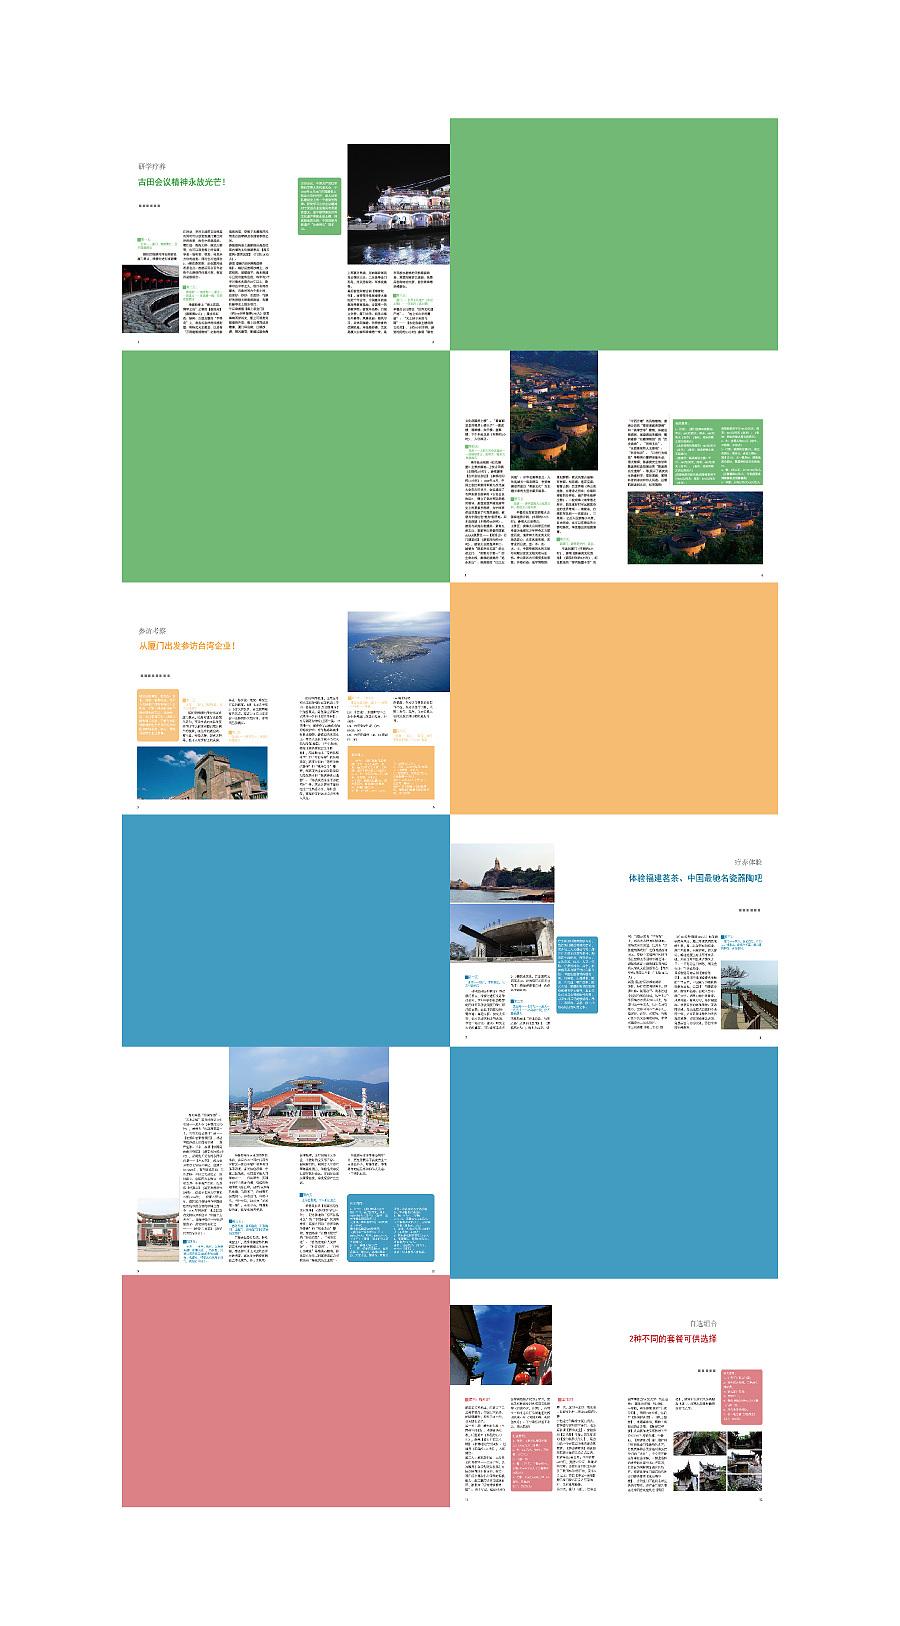 书籍排版设计—厦门疗养手册图片